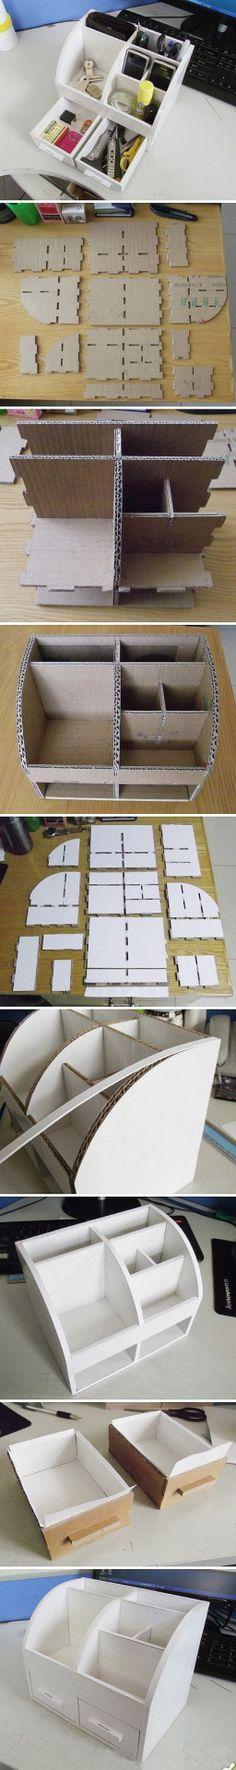 Easy DIY Cardboard Organizer